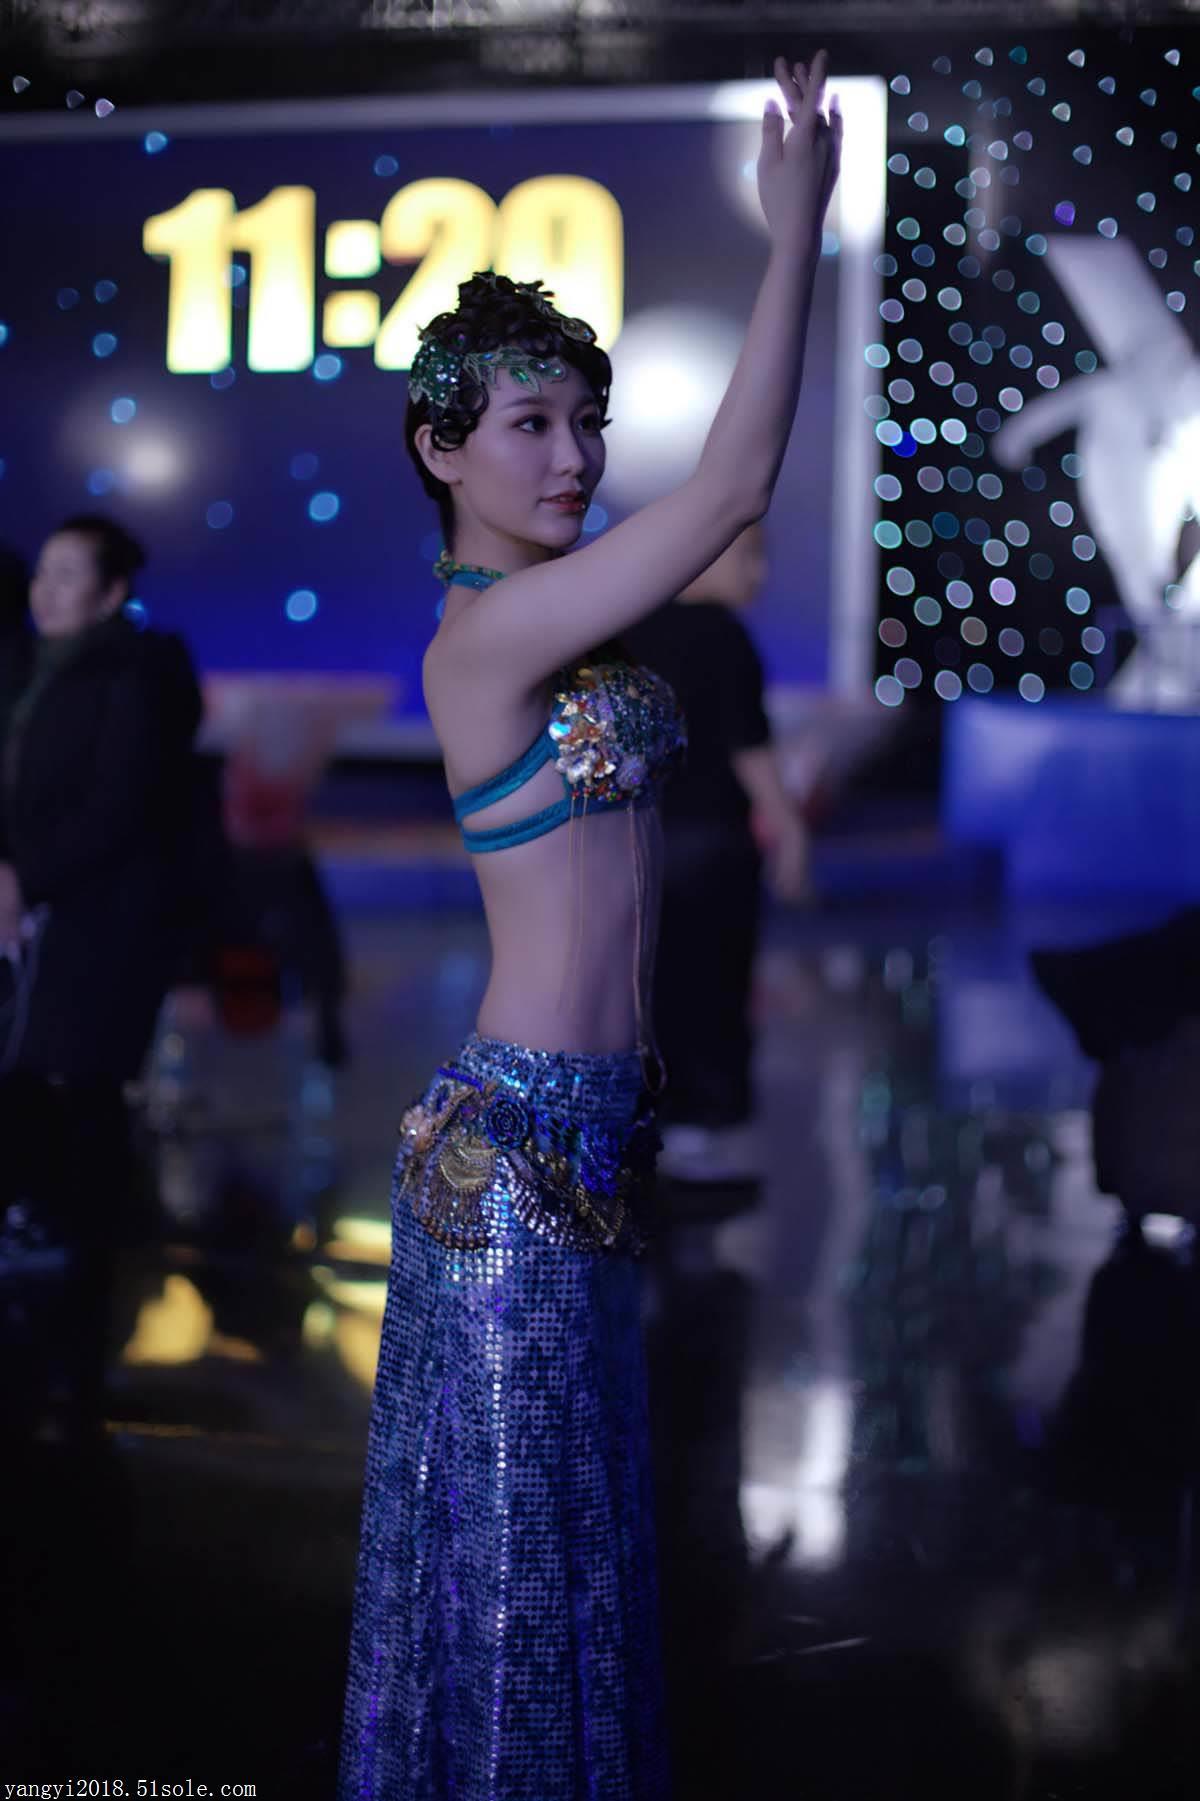 杨依是中国十大瑜伽新星,杨依是高级舞蹈瑜伽教练